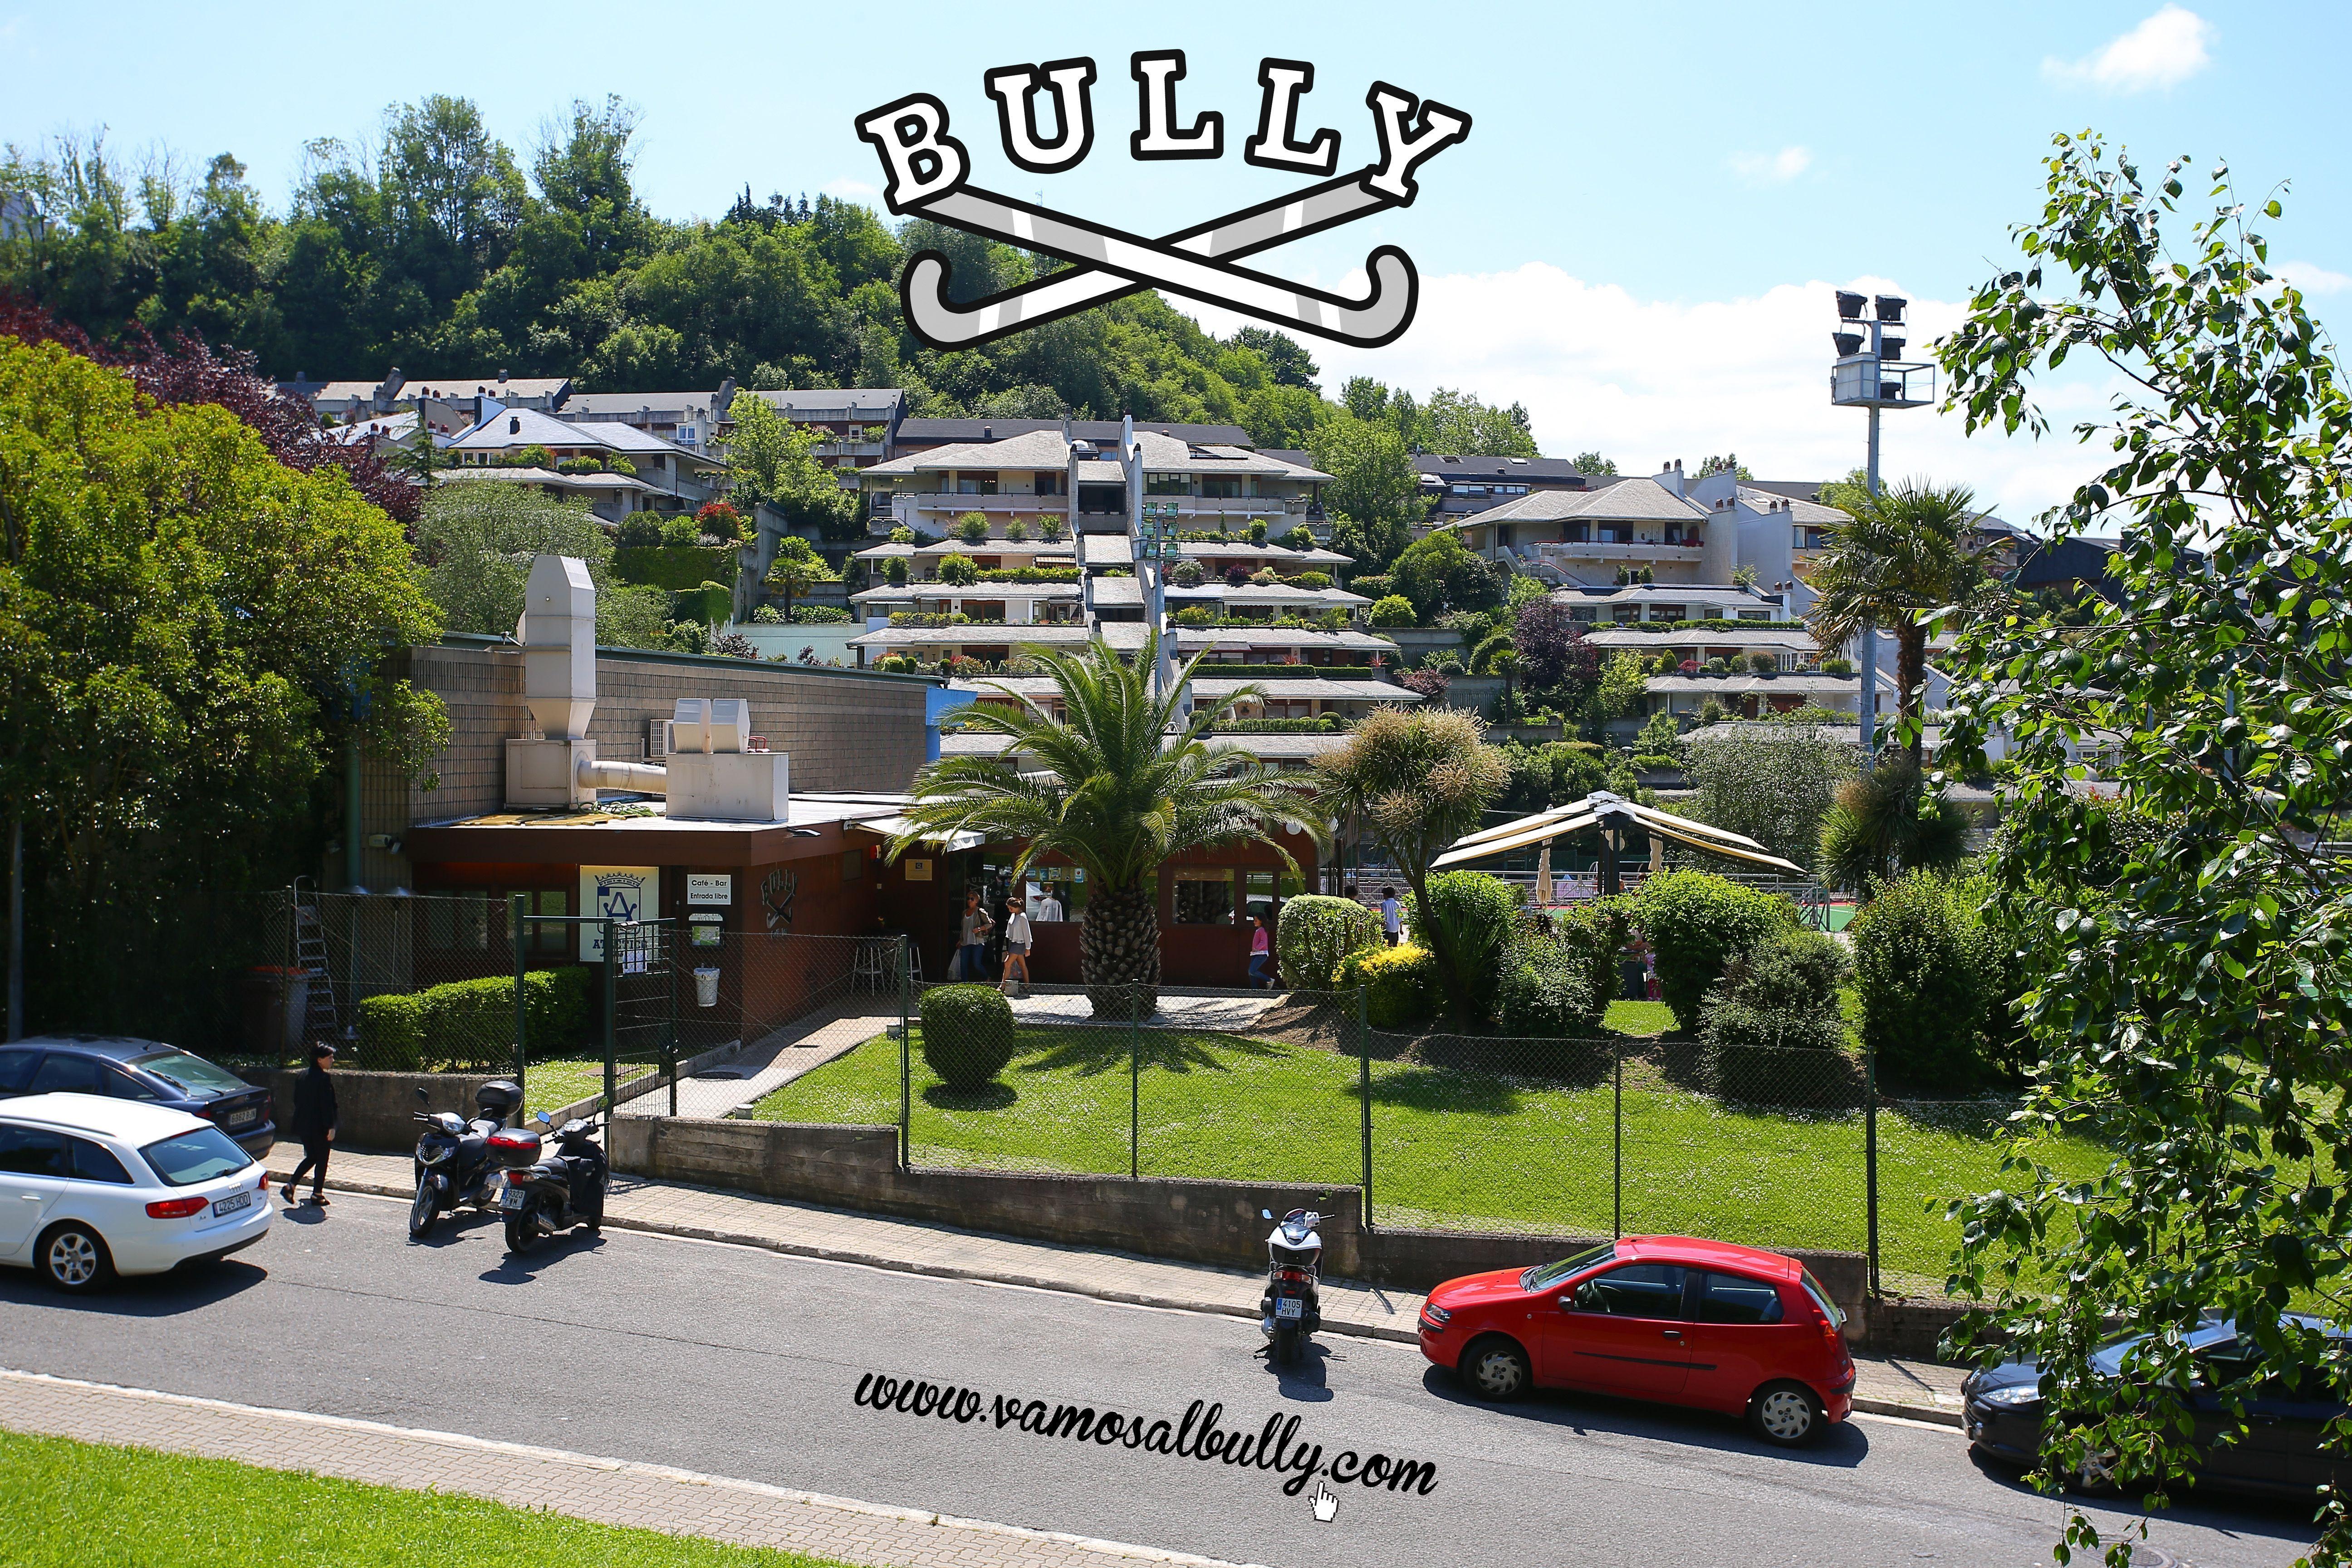 Comer en una terraza tranquila un día de verano en #Donostia #SanSebastian y aparcar en la misma puerta sin OTA es posible si conoces el #vamosalbully.com Vienes a comer con nosotros?